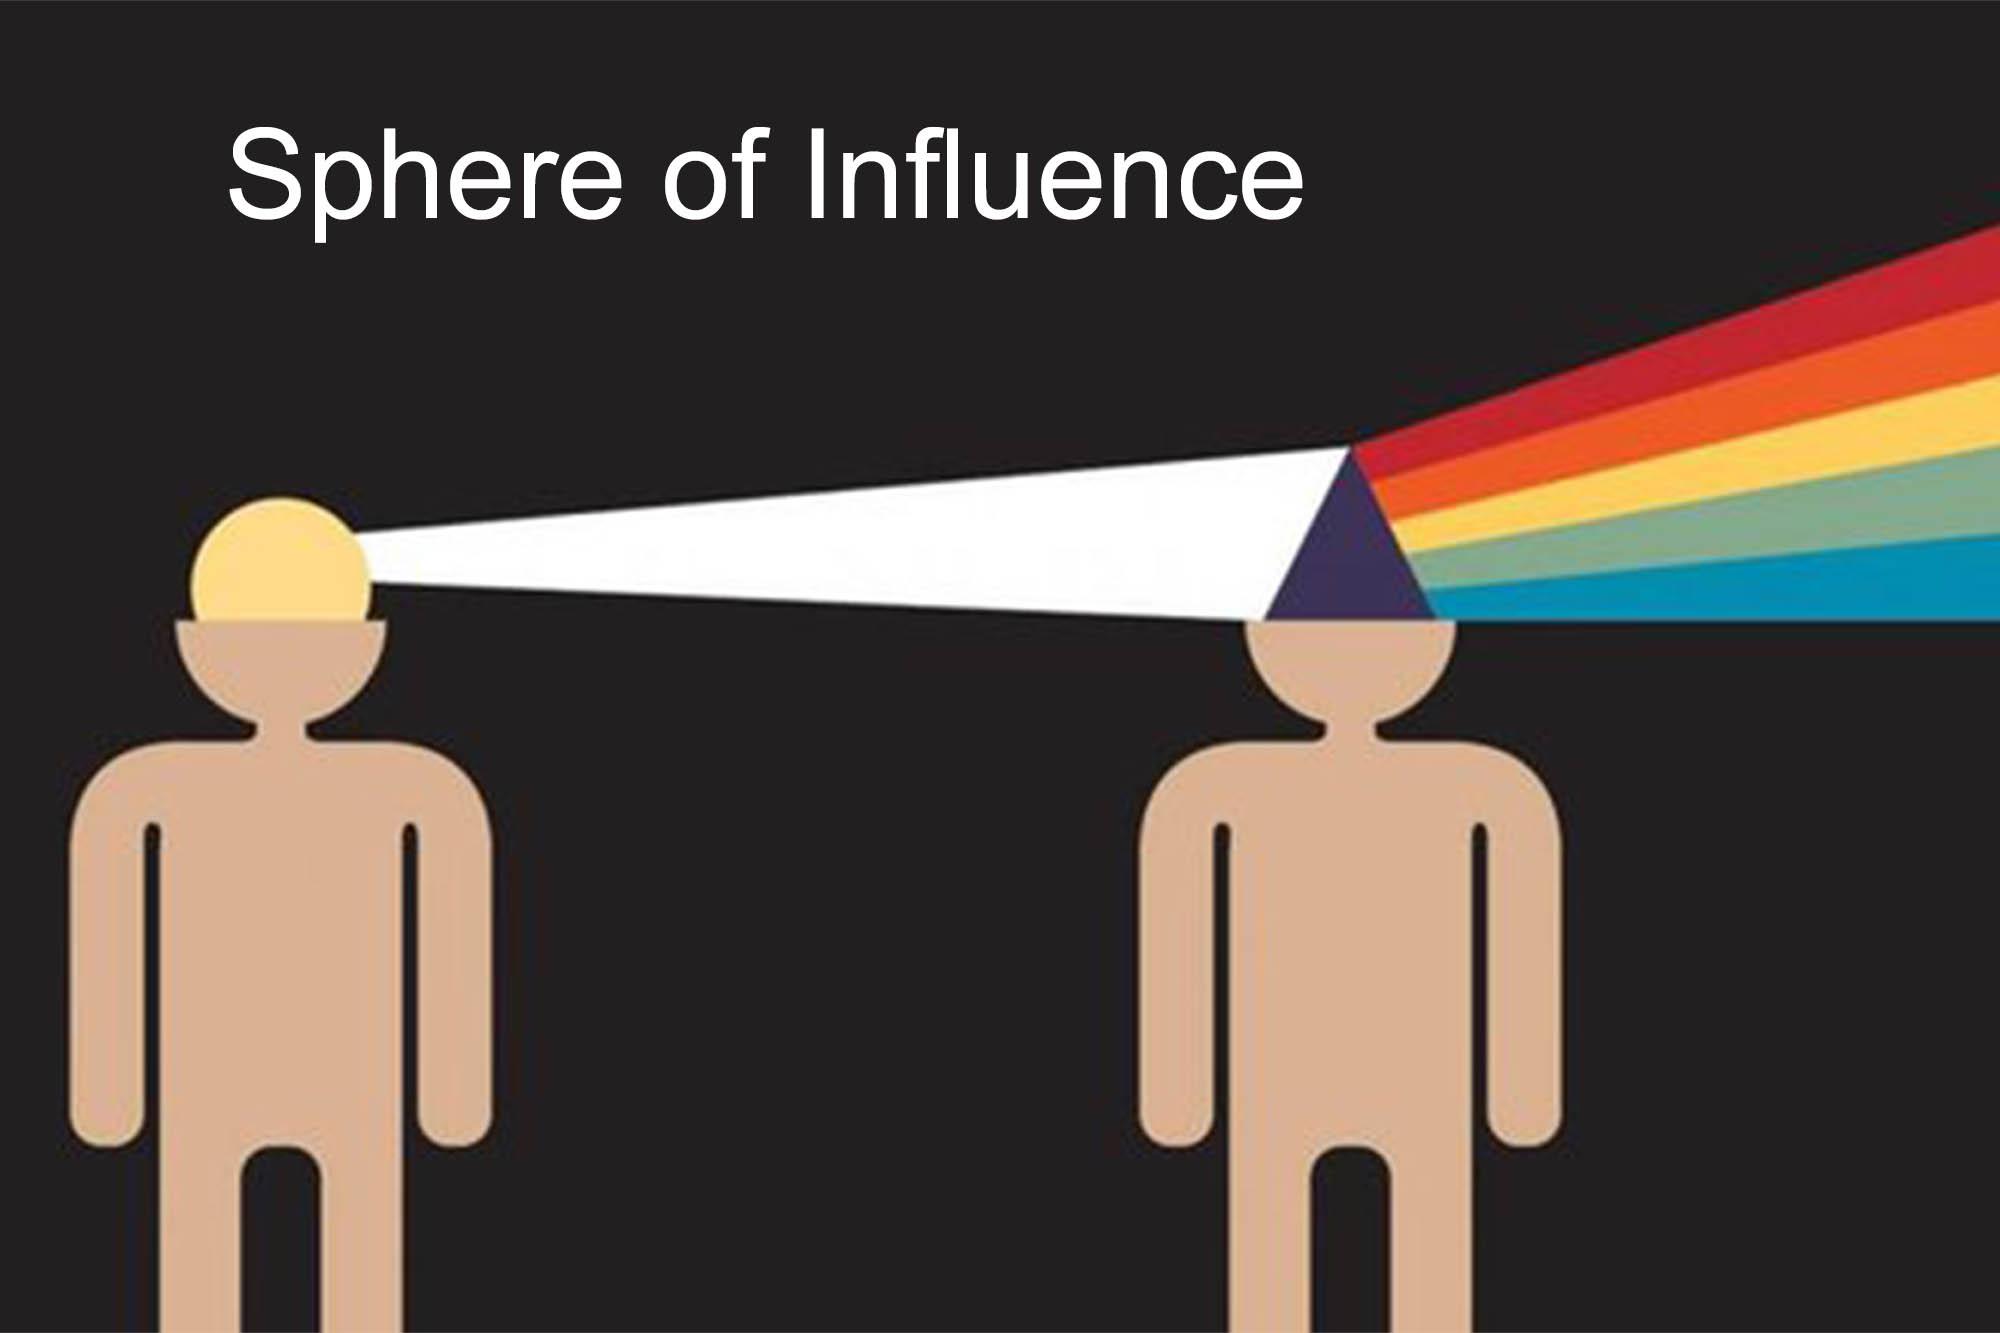 SphereofInfluence.jpg